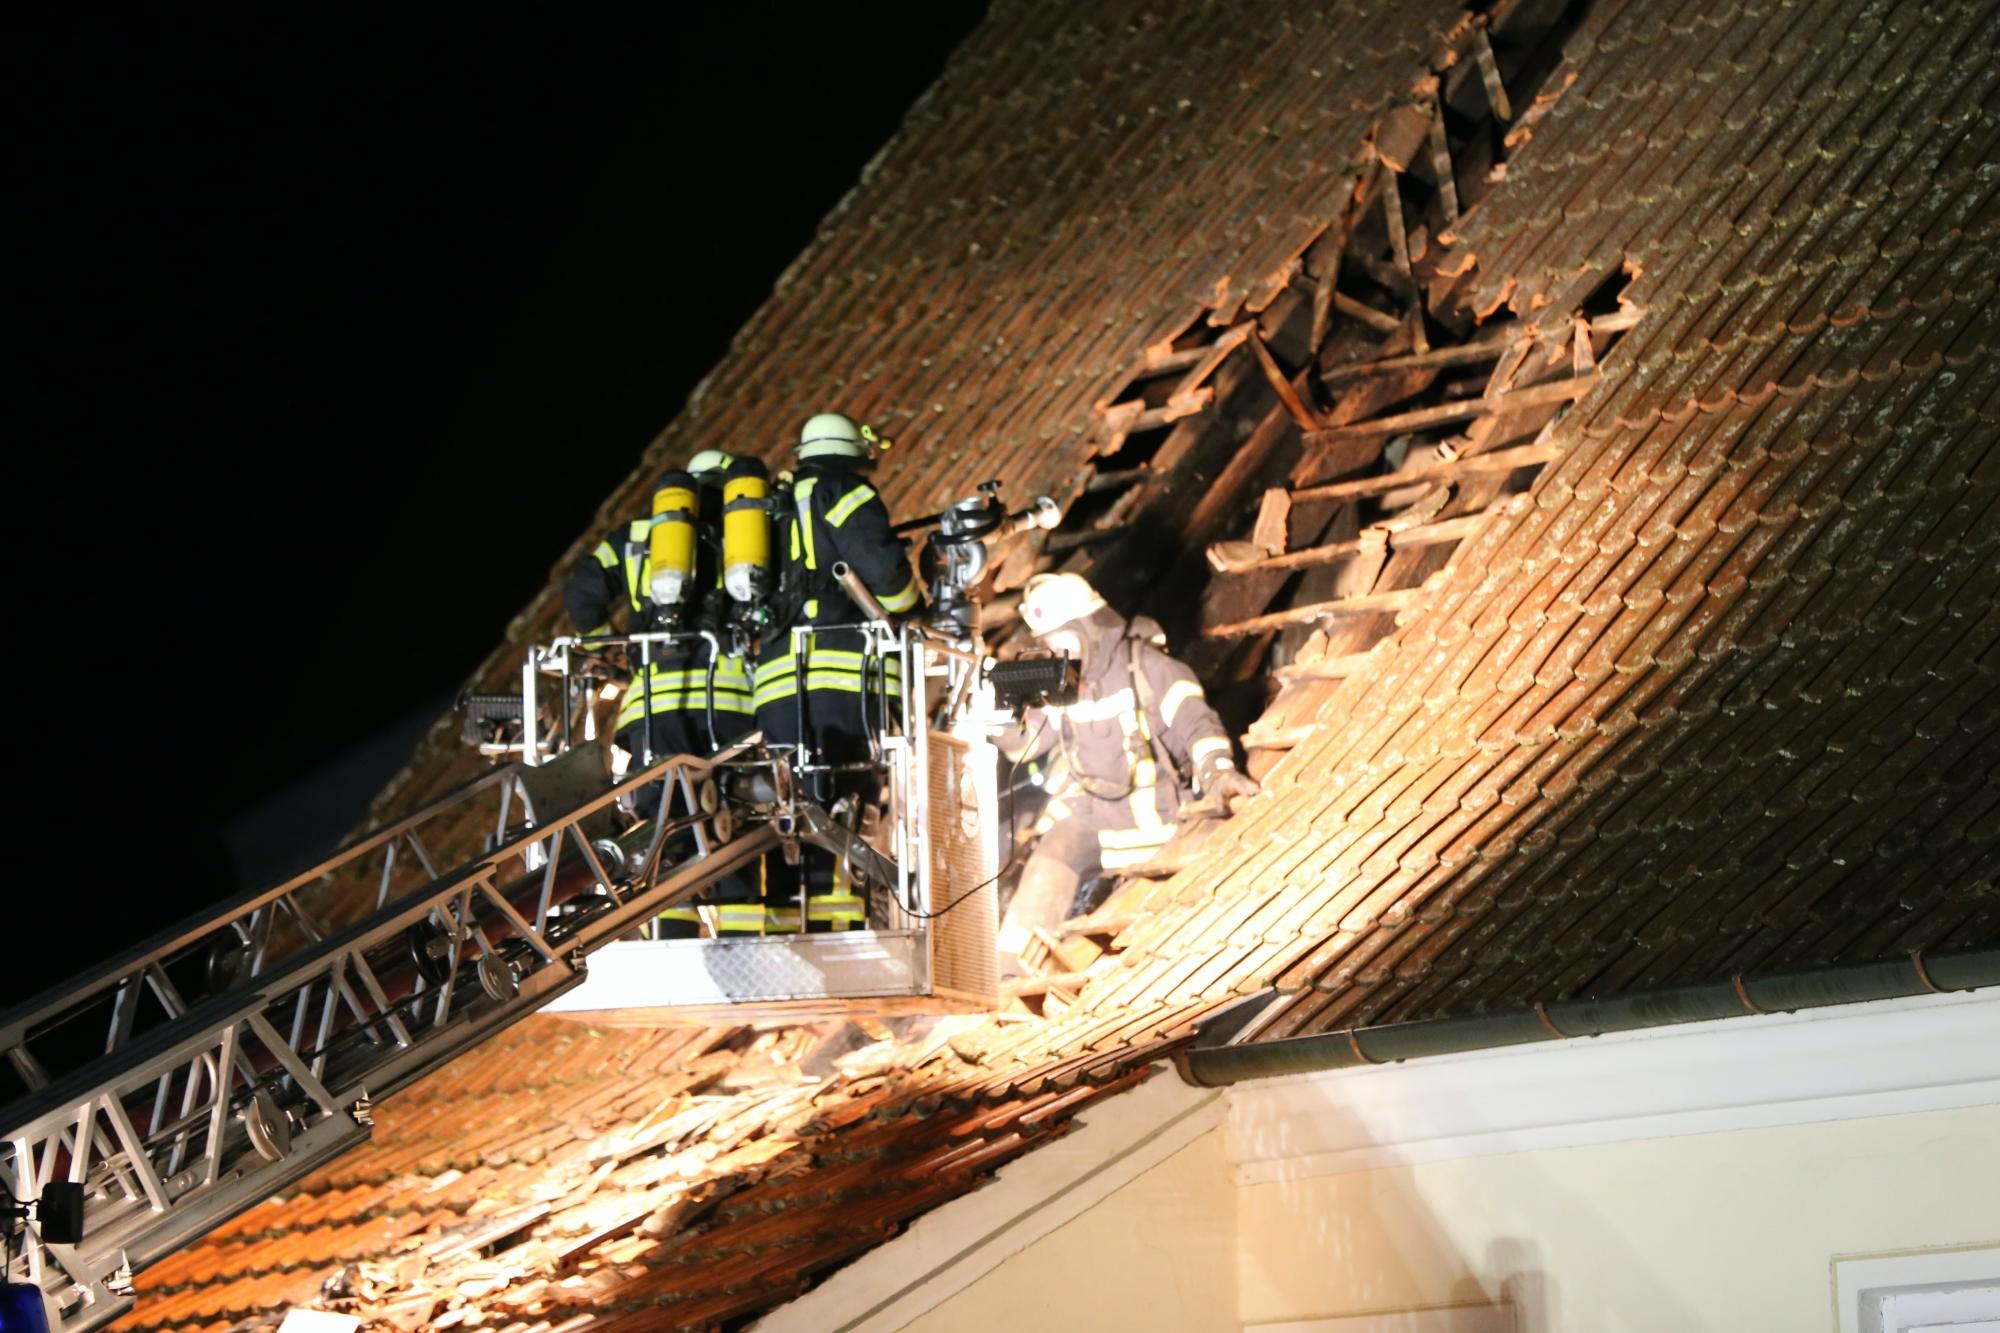 2019-12-15_Unterallgaeu_Kirchhaslach_Brand_Dach_FeuerwehrIMG_2812